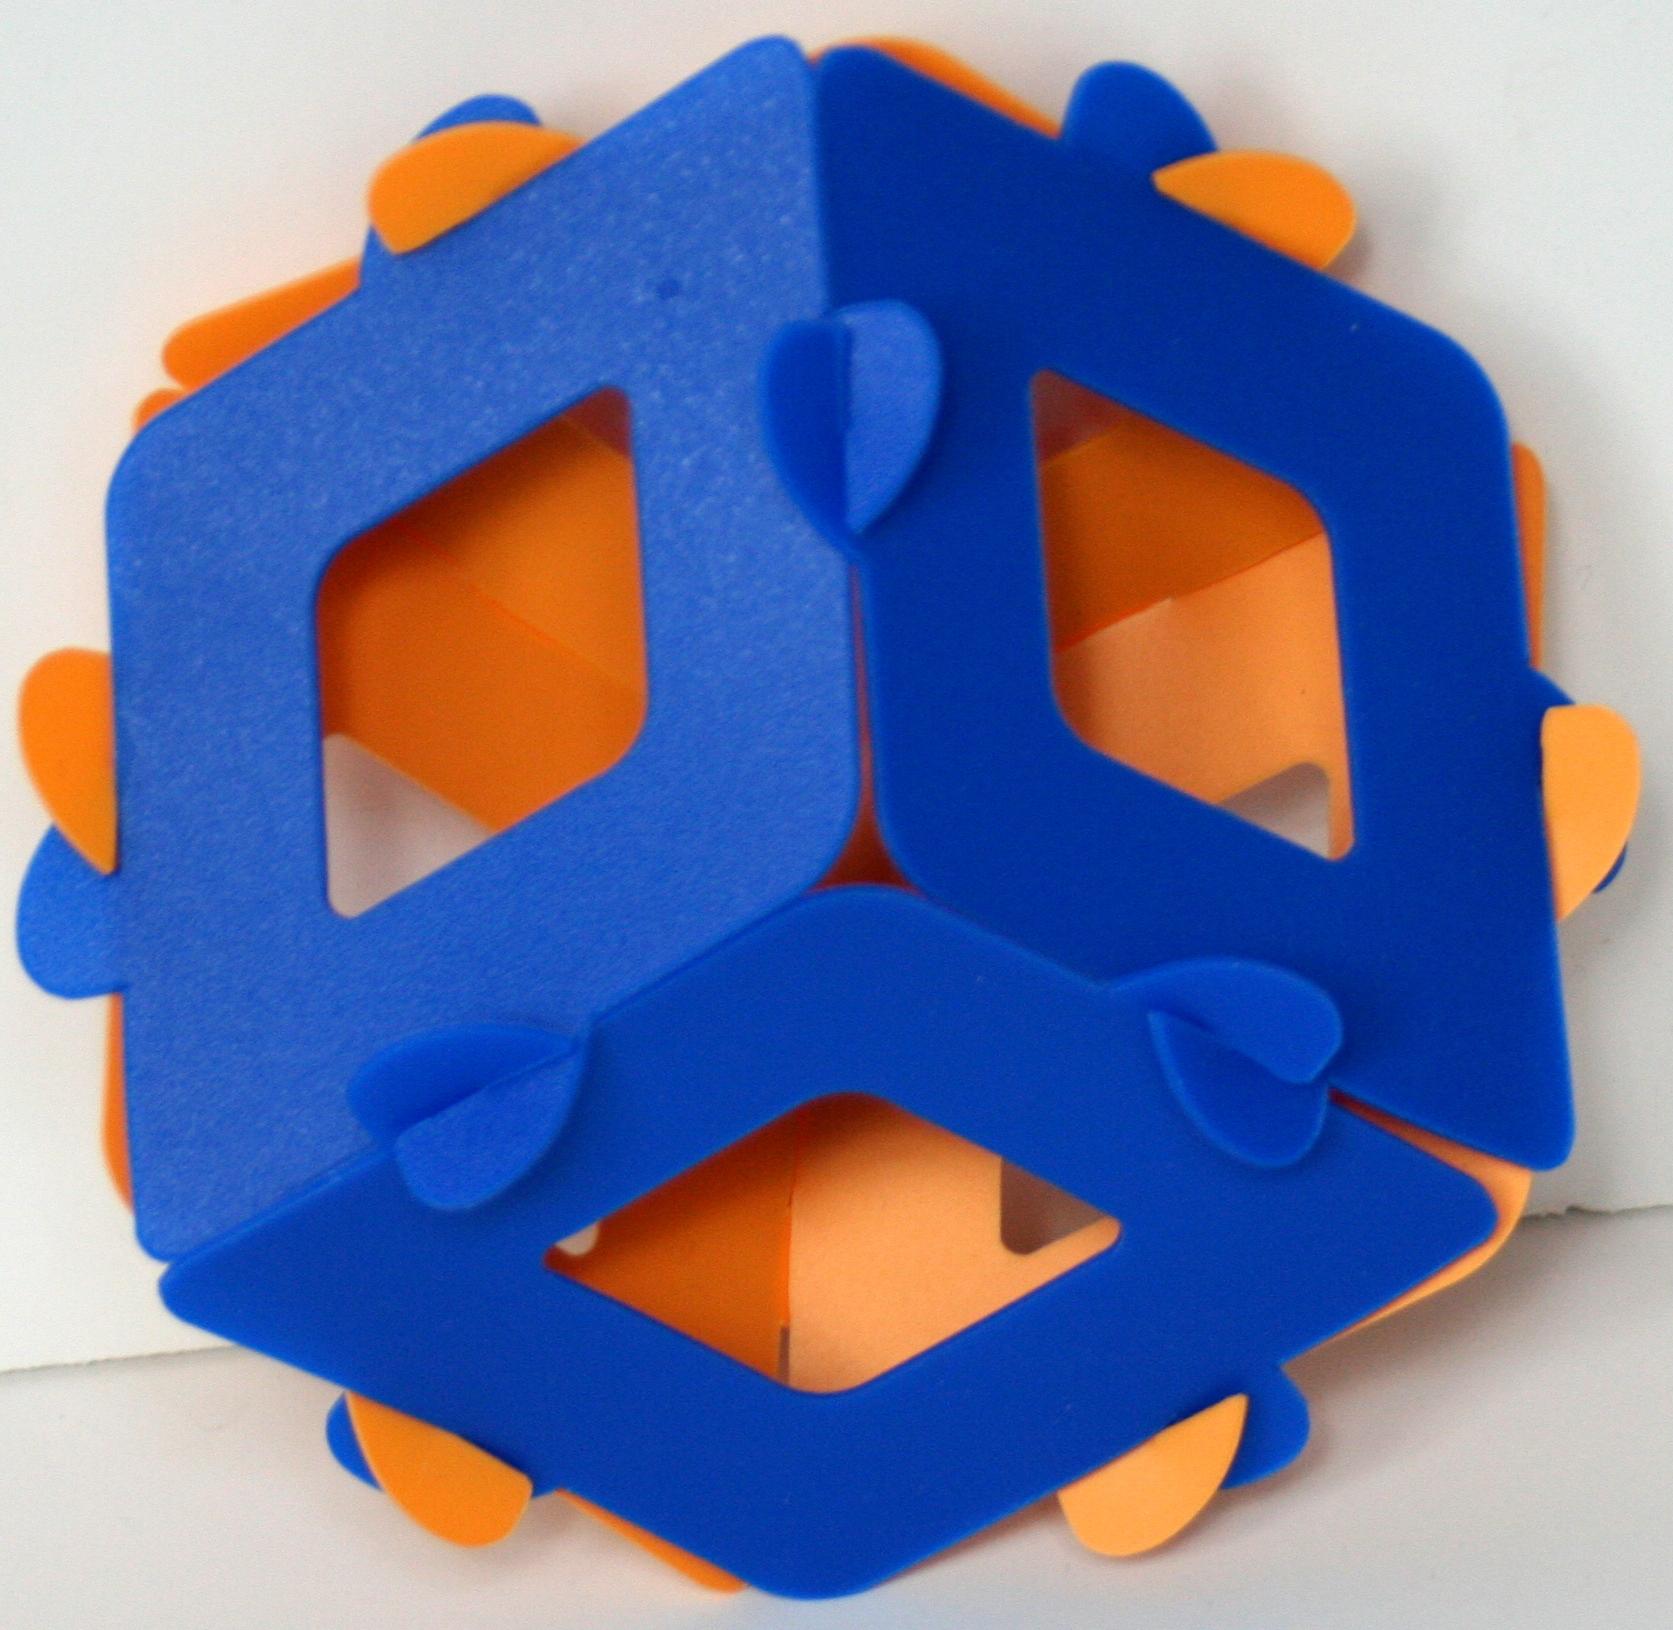 Obtuse trigonal trapezohedron